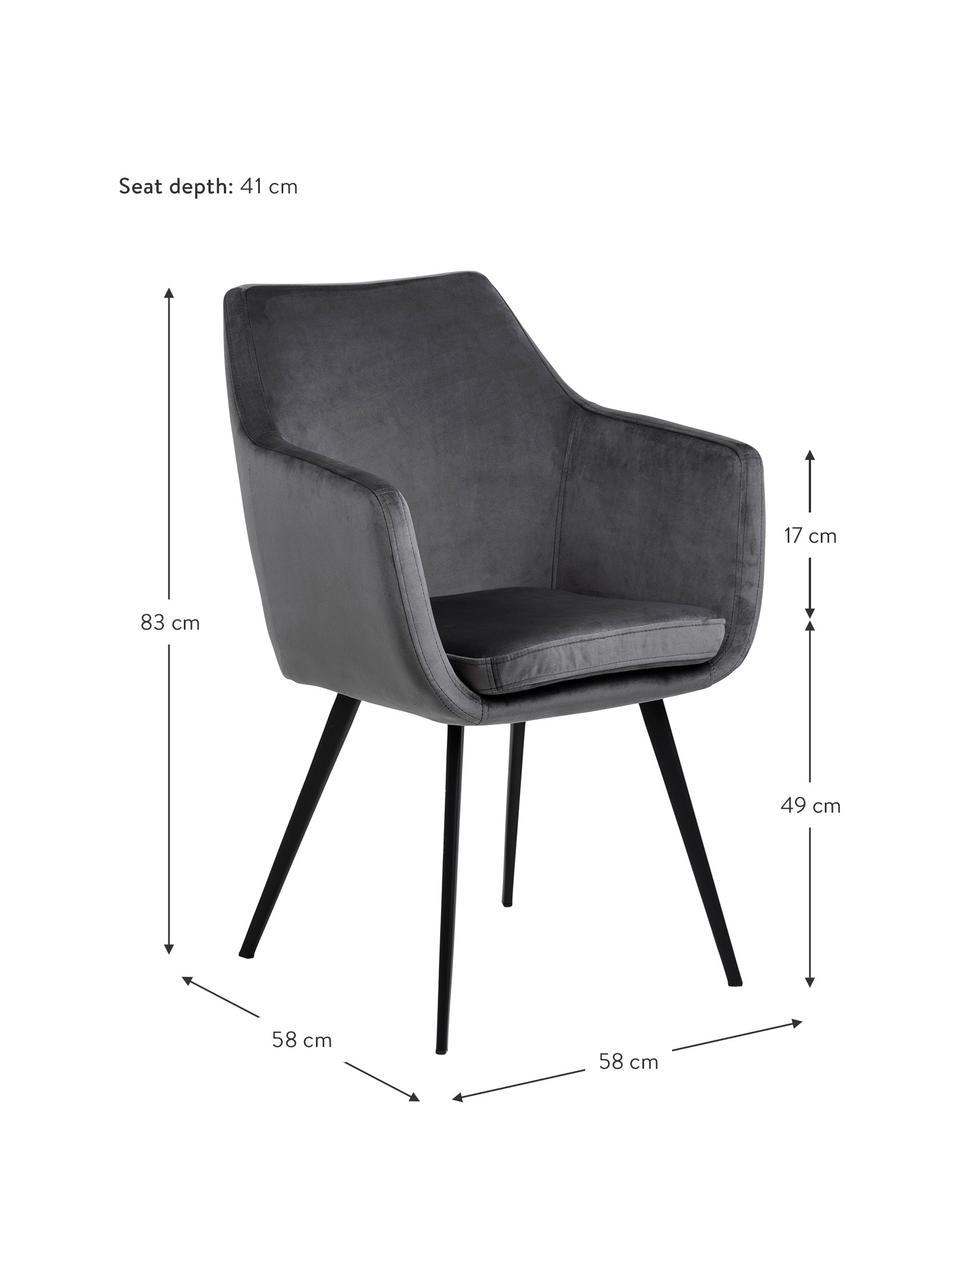 Krzesło z podłokietnikami z aksamitu Nora, Tapicerka: aksamit poliestrowy Dzięk, Nogi: metal powlekany, Ciemny szary, czarny, S 58 x G 58 cm